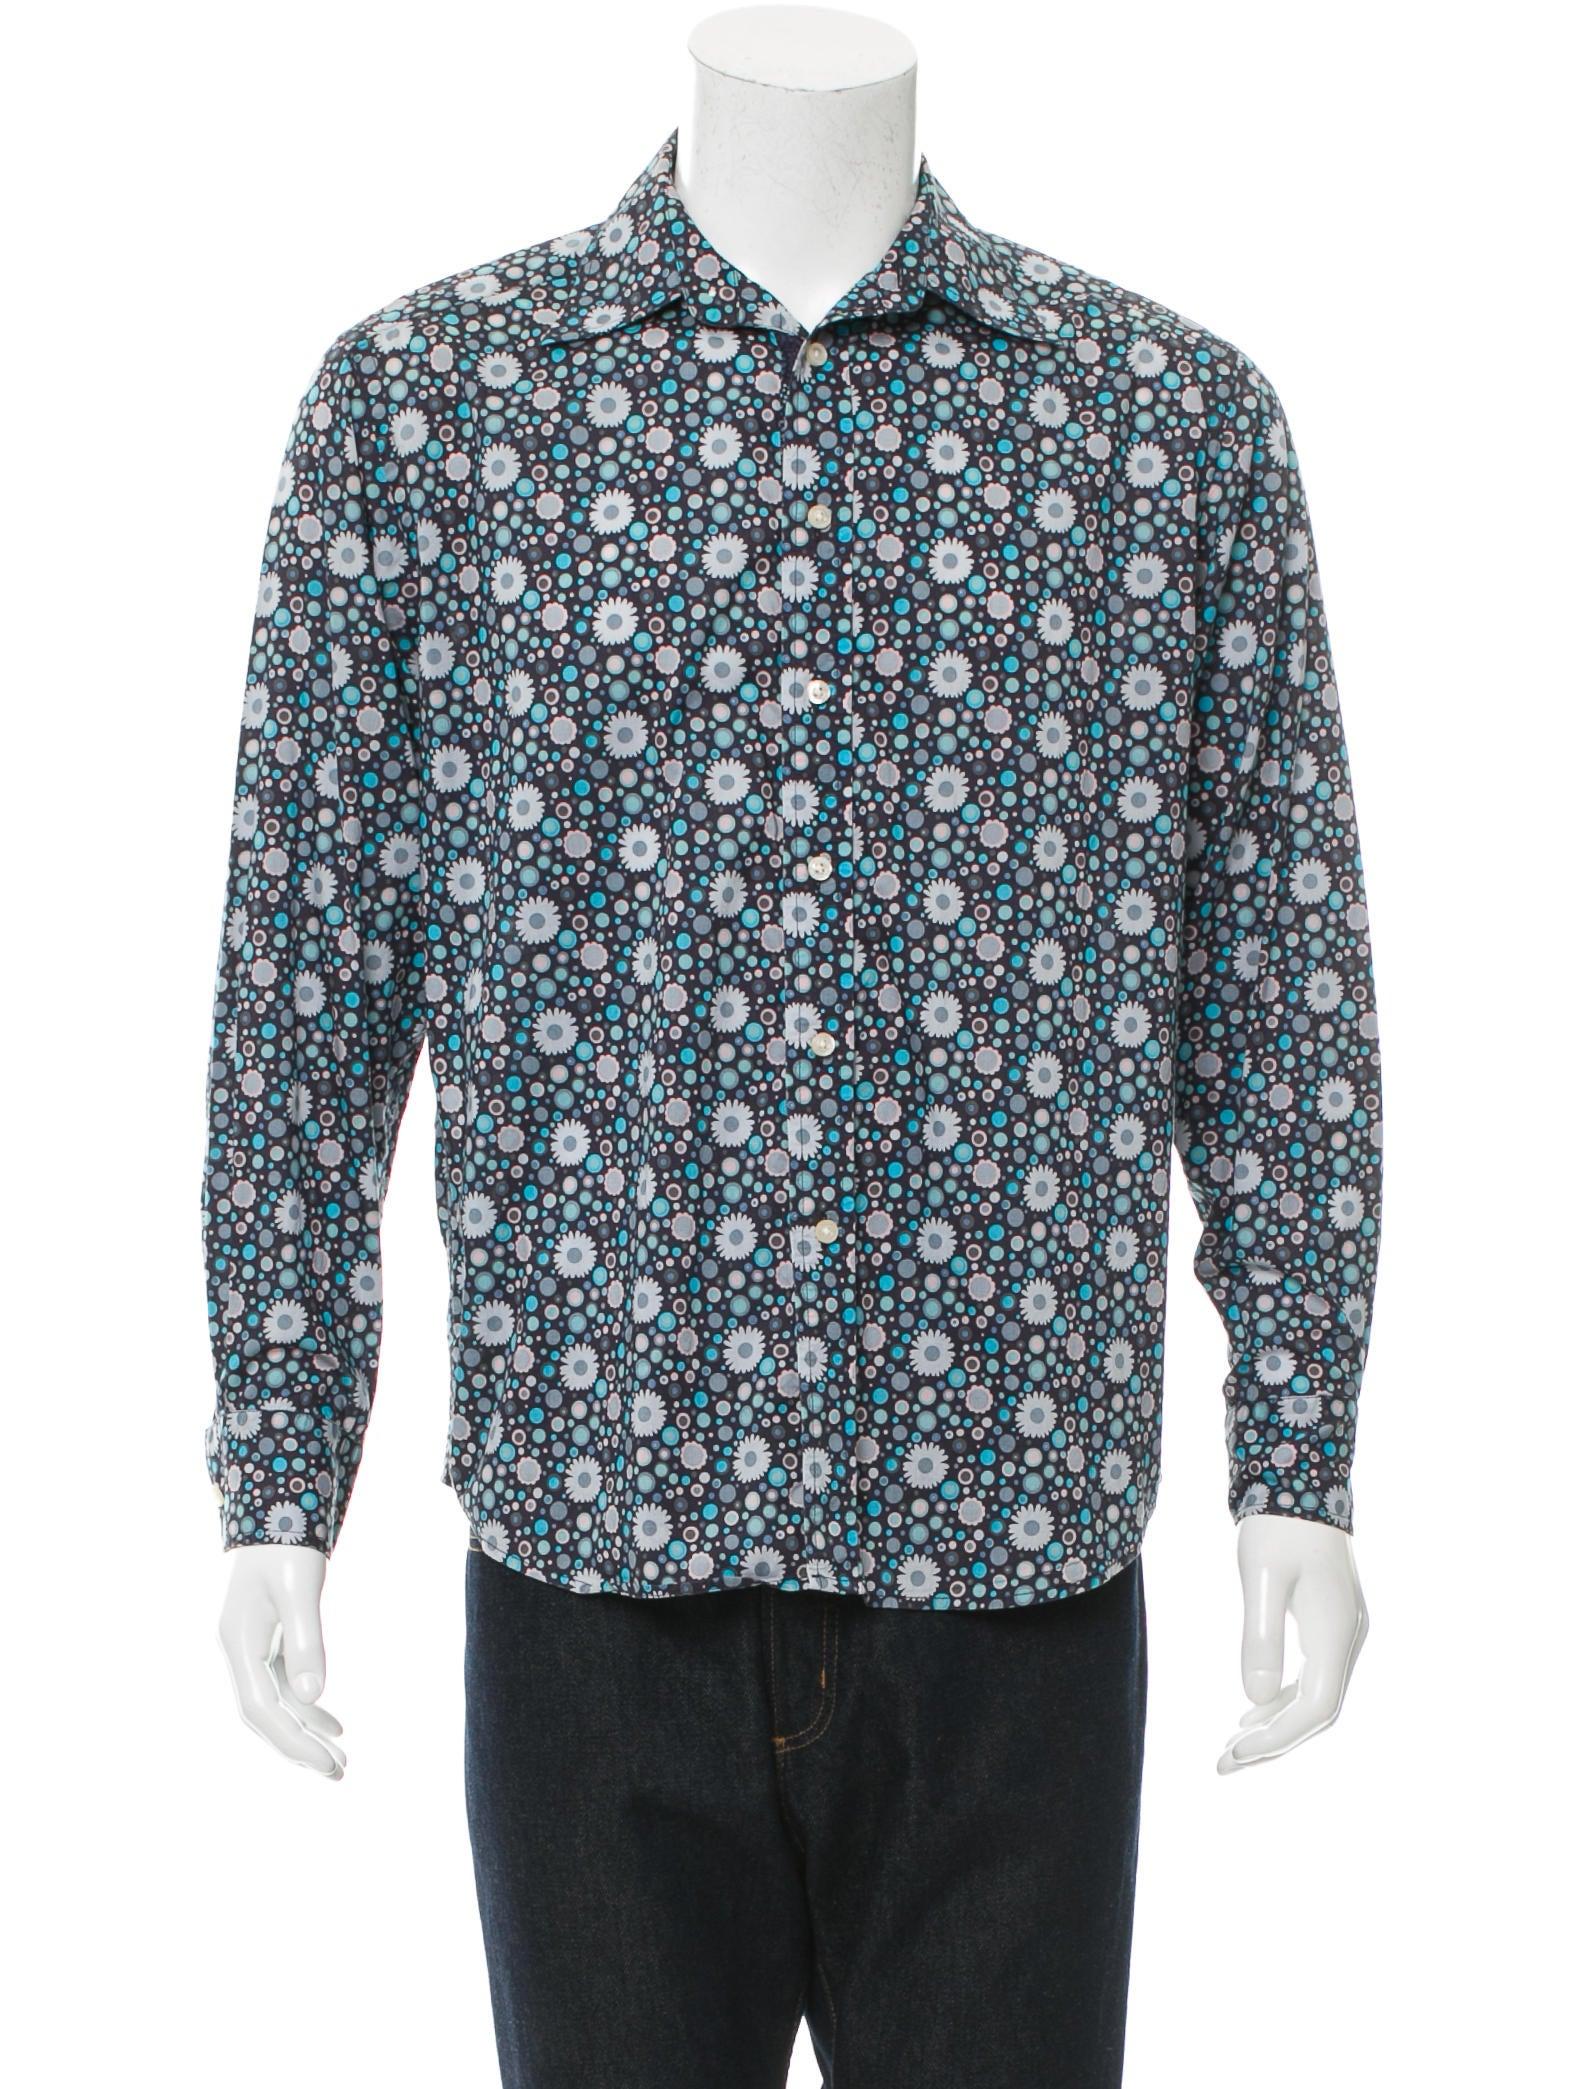 Robert graham floral print button up shirt clothing for Floral print button up shirt